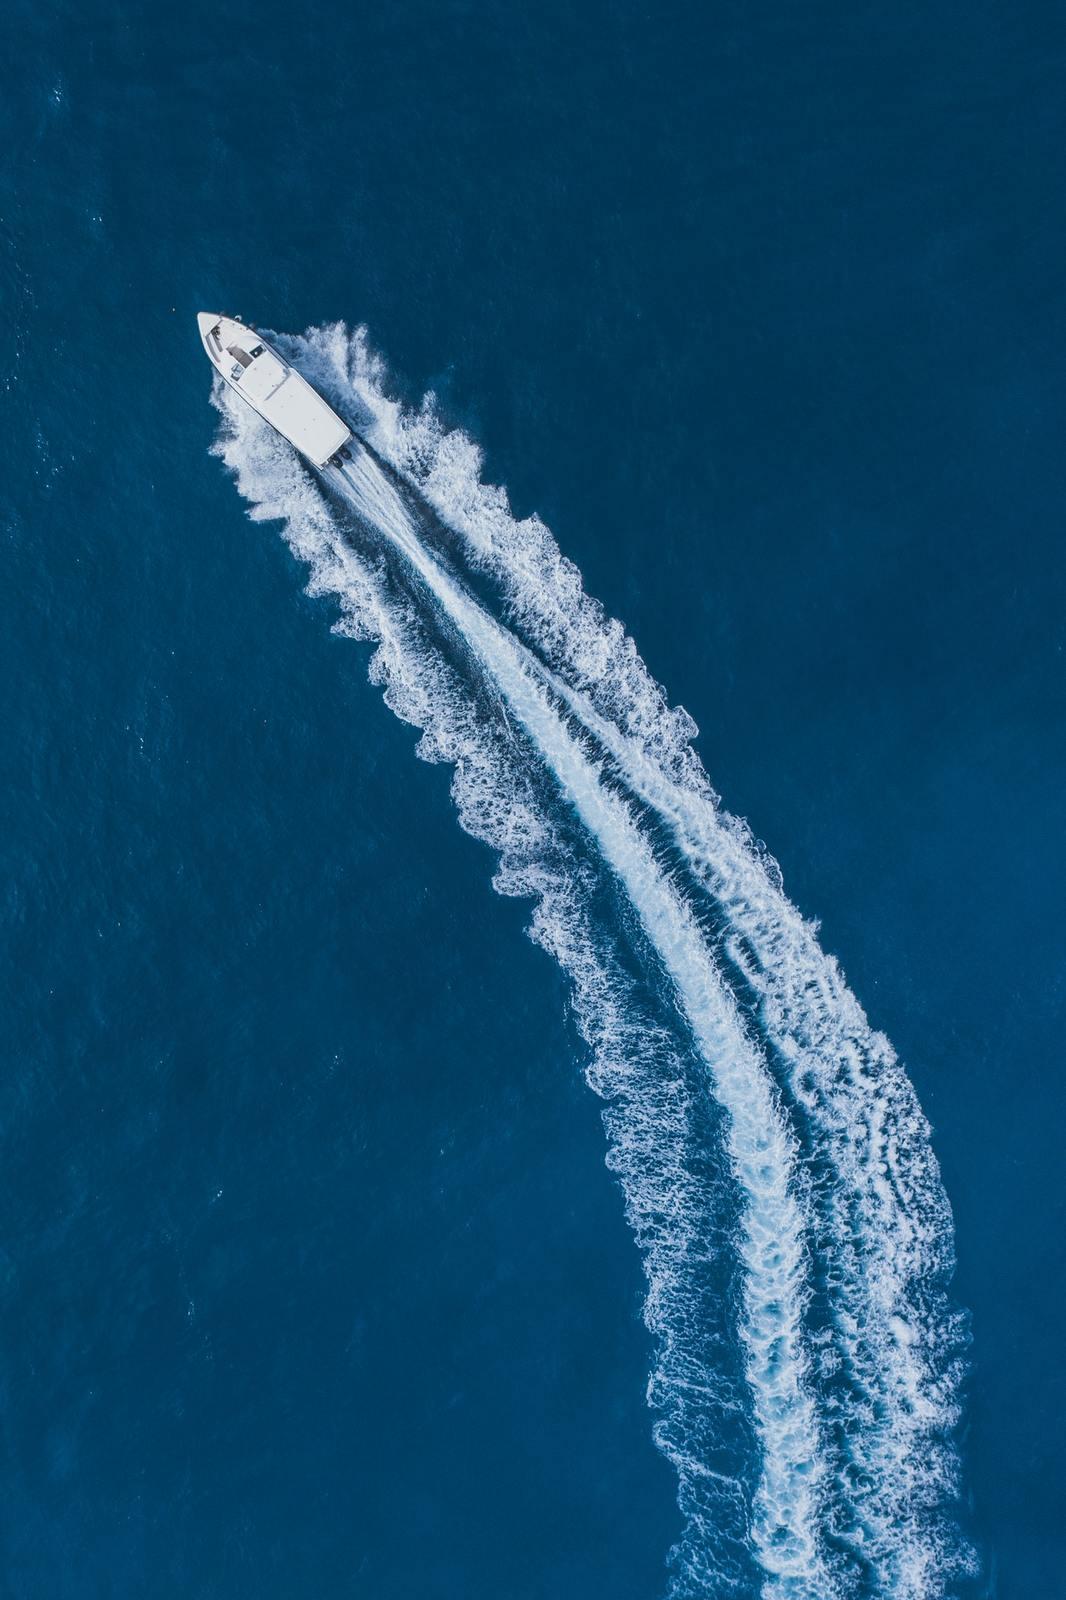 tipologie di imbarcazioni in navigazione